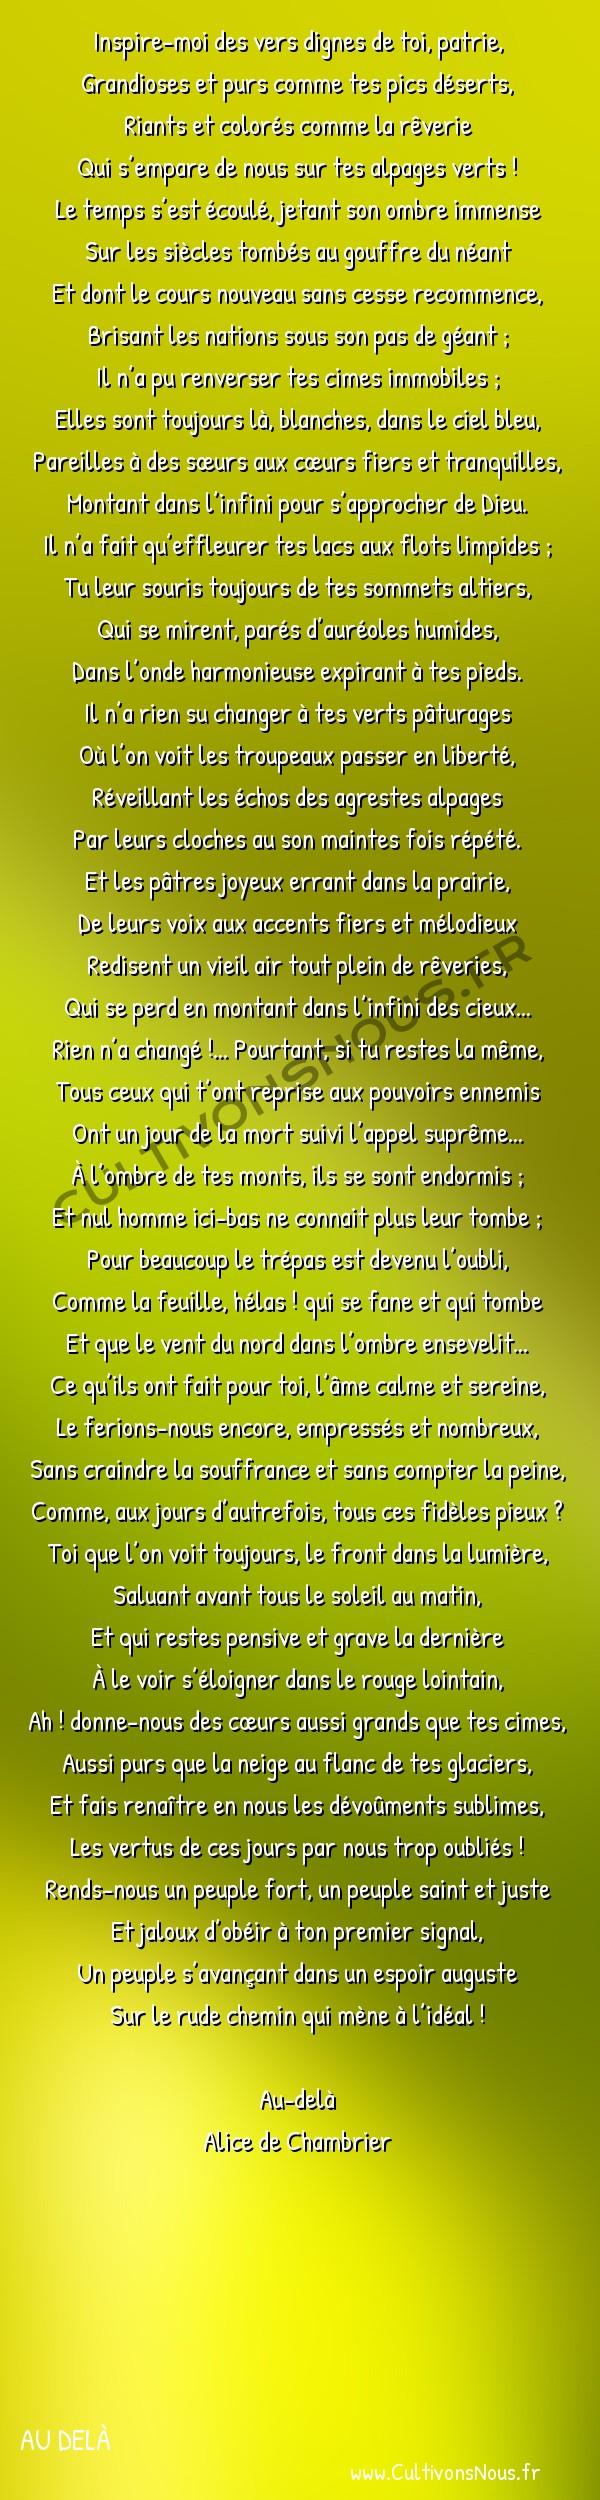 Poésie Alice de Chambrier - Au delà - À l'Helvétie -  Inspire-moi des vers dignes de toi, patrie, Grandioses et purs comme tes pics déserts,